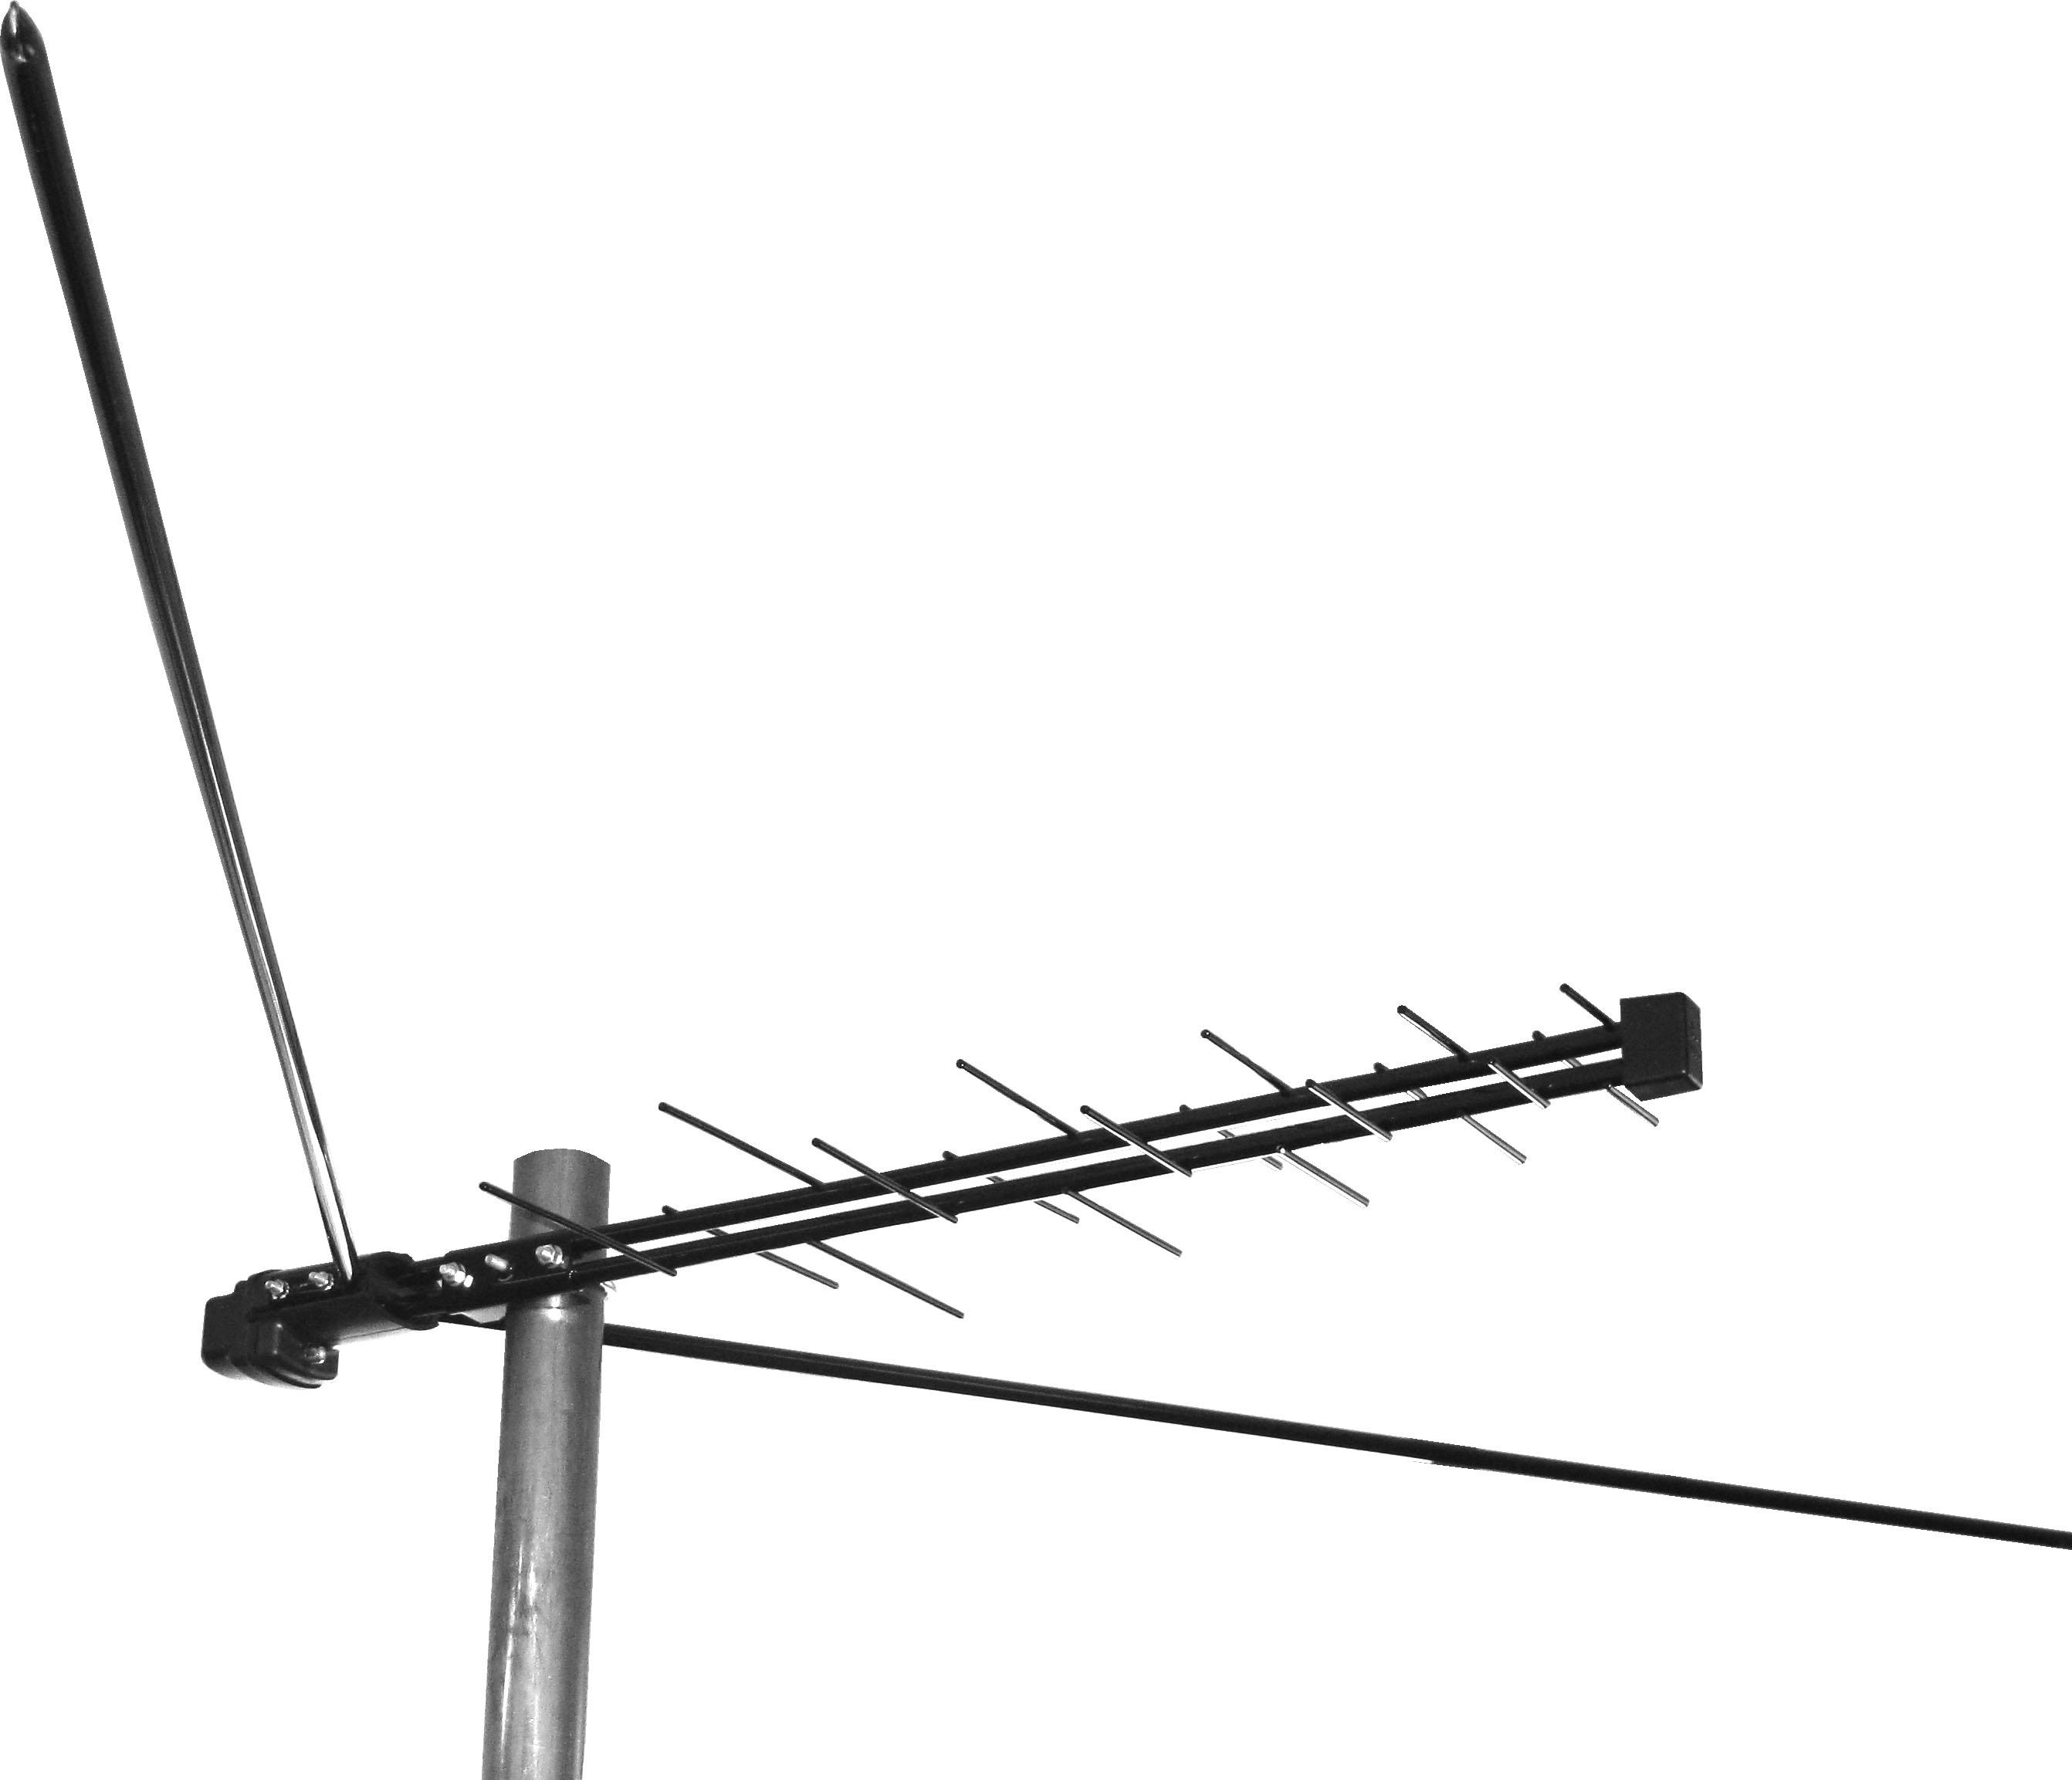 Как сделать наружную антенну для телевизора своими руками фото 132